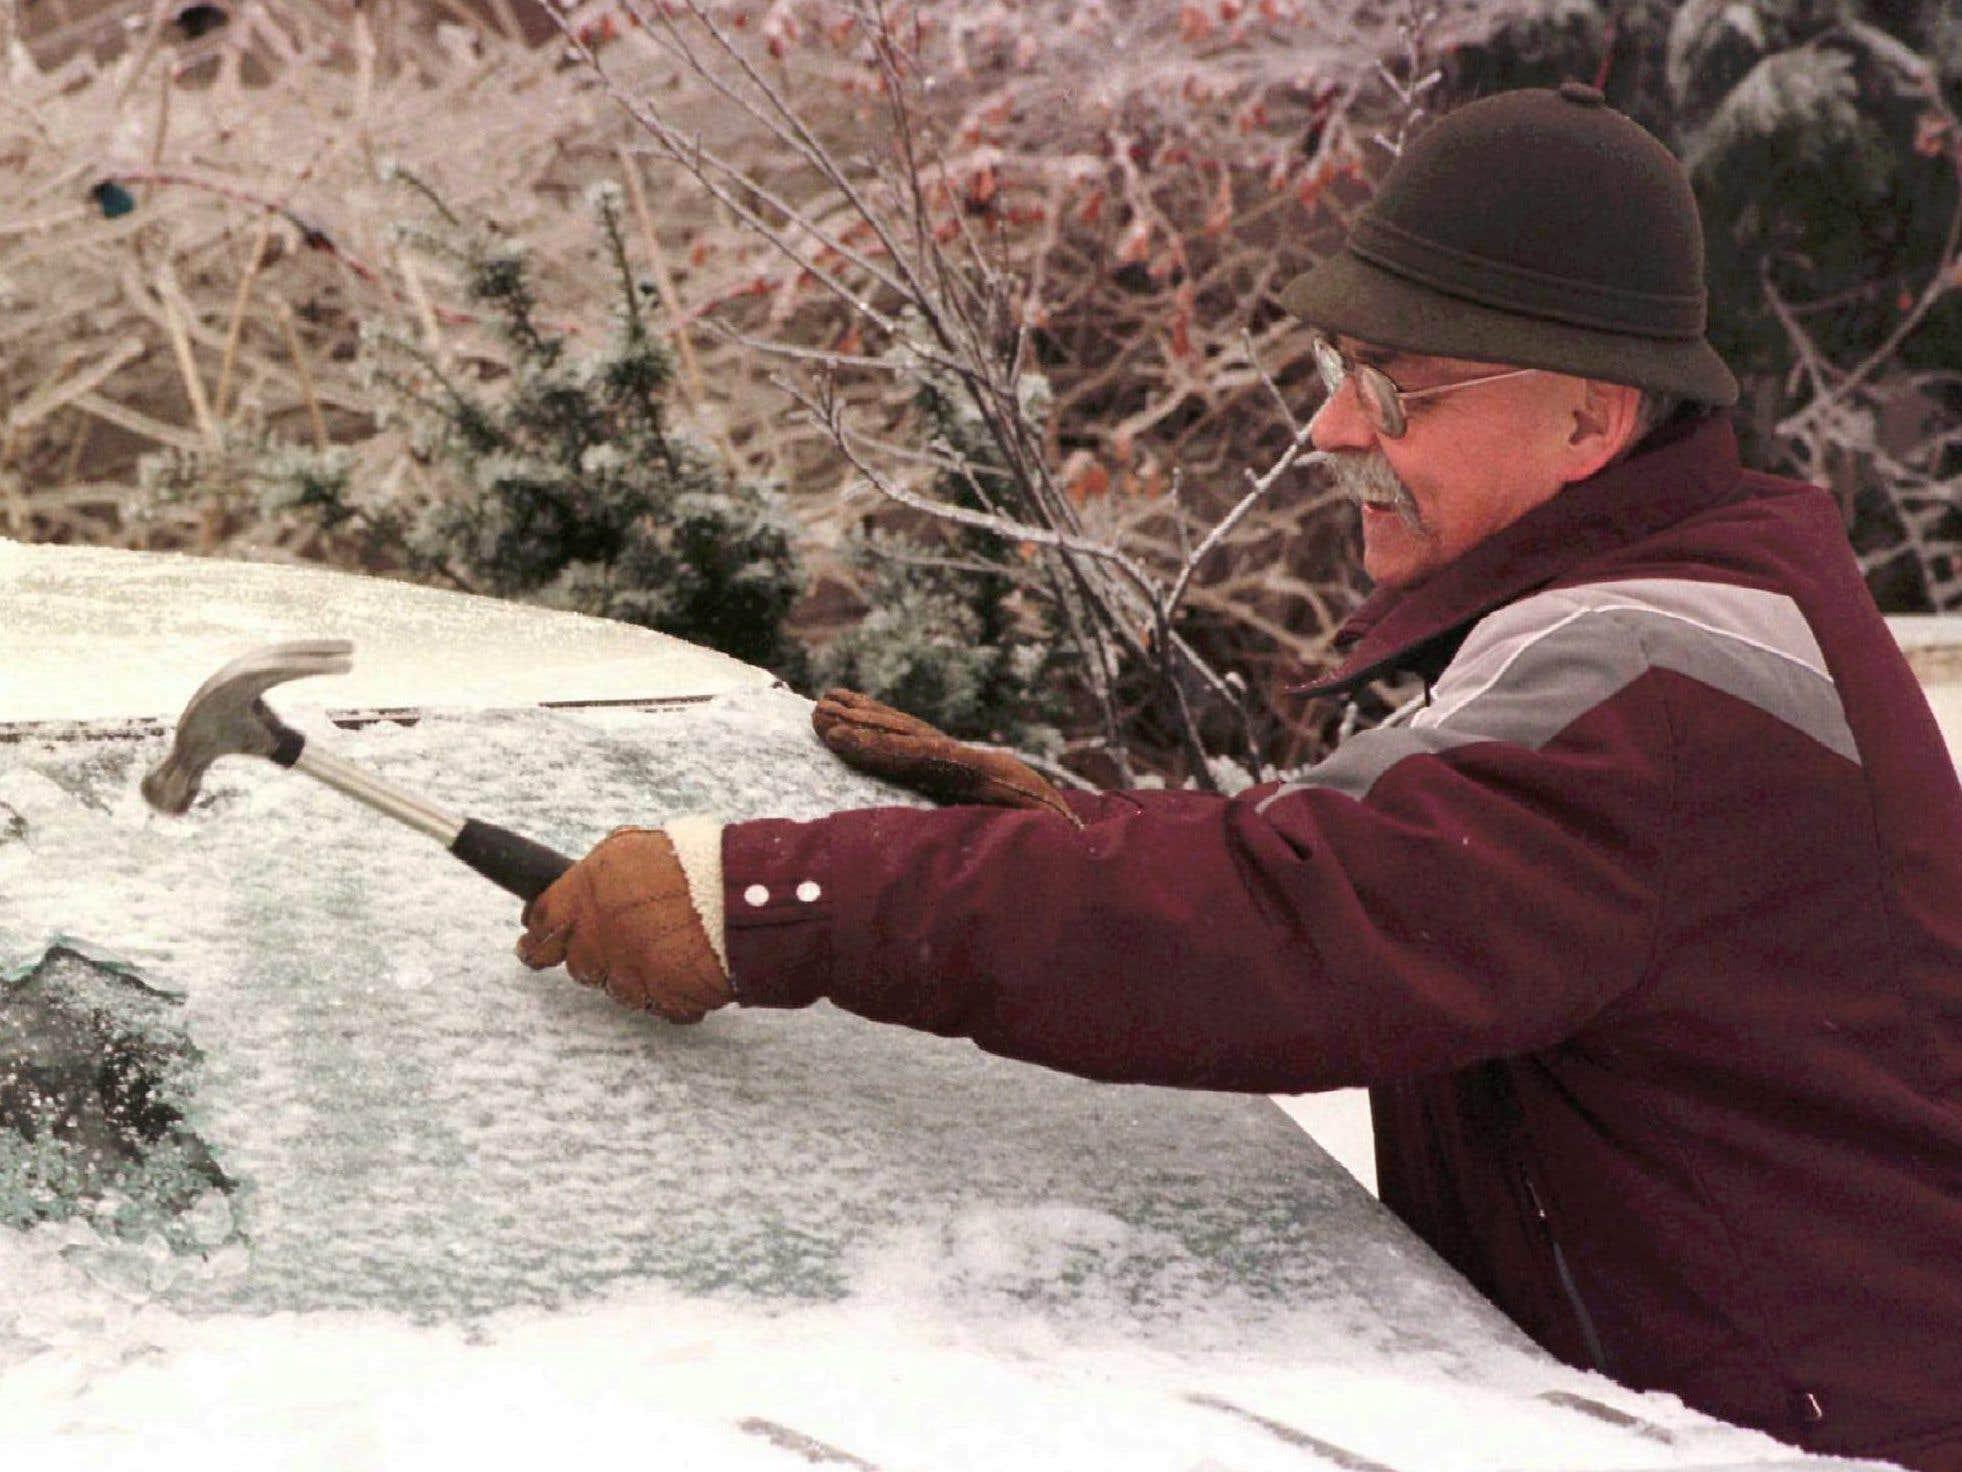 Un Montréalais utilise un marteau pour enlever la glace accumulée sur le pare-brise de son véhicule. À ce moment, des précipitations de pluie verglaçante étaient à prévoir pour encore deux jours.